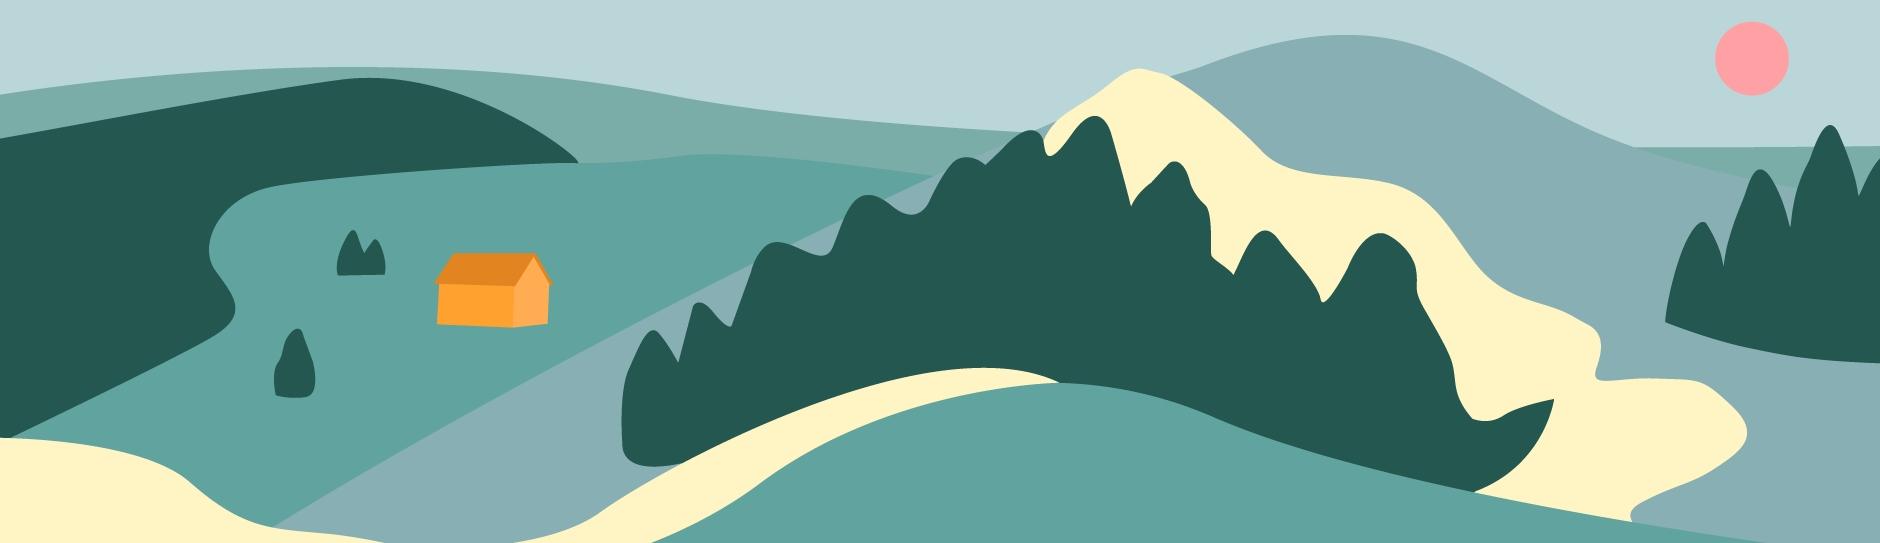 Grafik eines Berges mit einem kleinen Haus